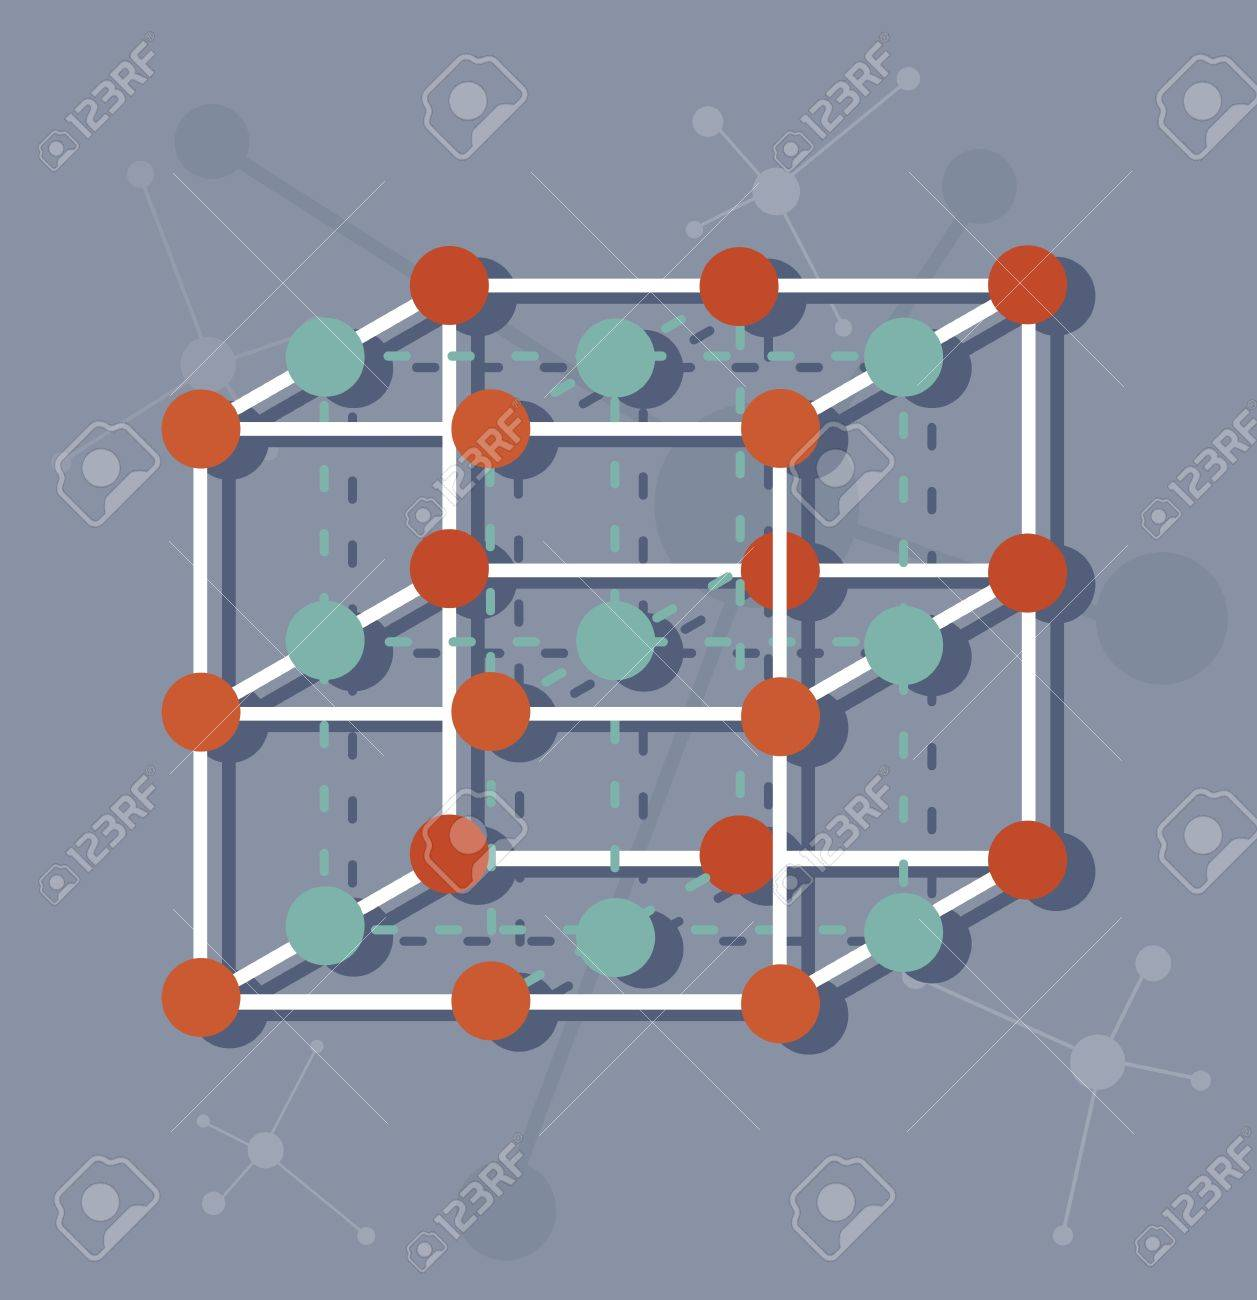 La Estructura Molecular De Un Cubo Elementos Químicos Biología Molecular Fondo Molecular Los átomos Y Las Moléculas En Una Ilustración Vectorial